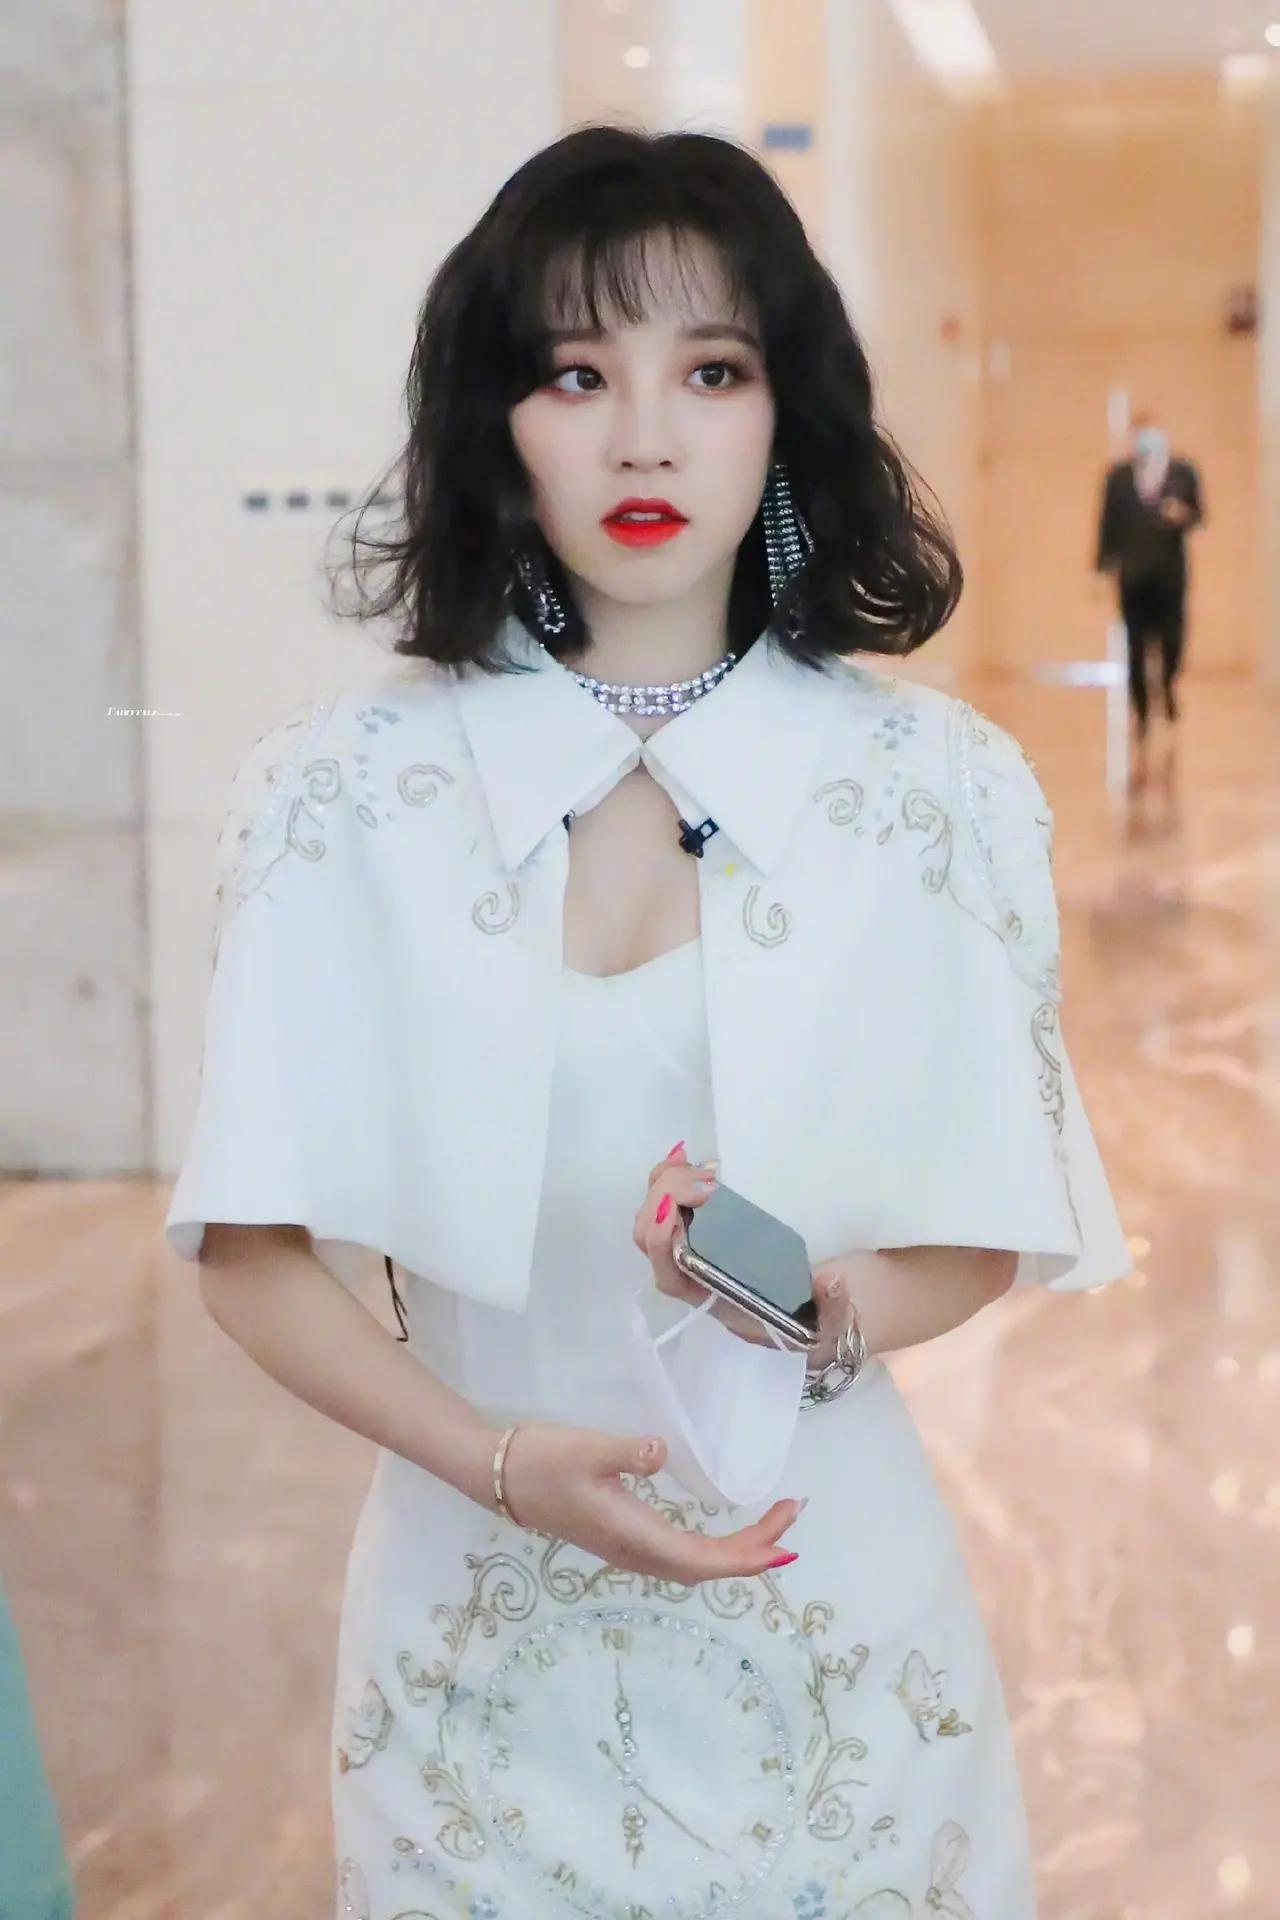 Thành viên (G)I-DLE mặc trang phục lấy cảm hứng từ sườn xám, visual lộng lẫy như nàng công chúa bước ra từ truyện tranh.